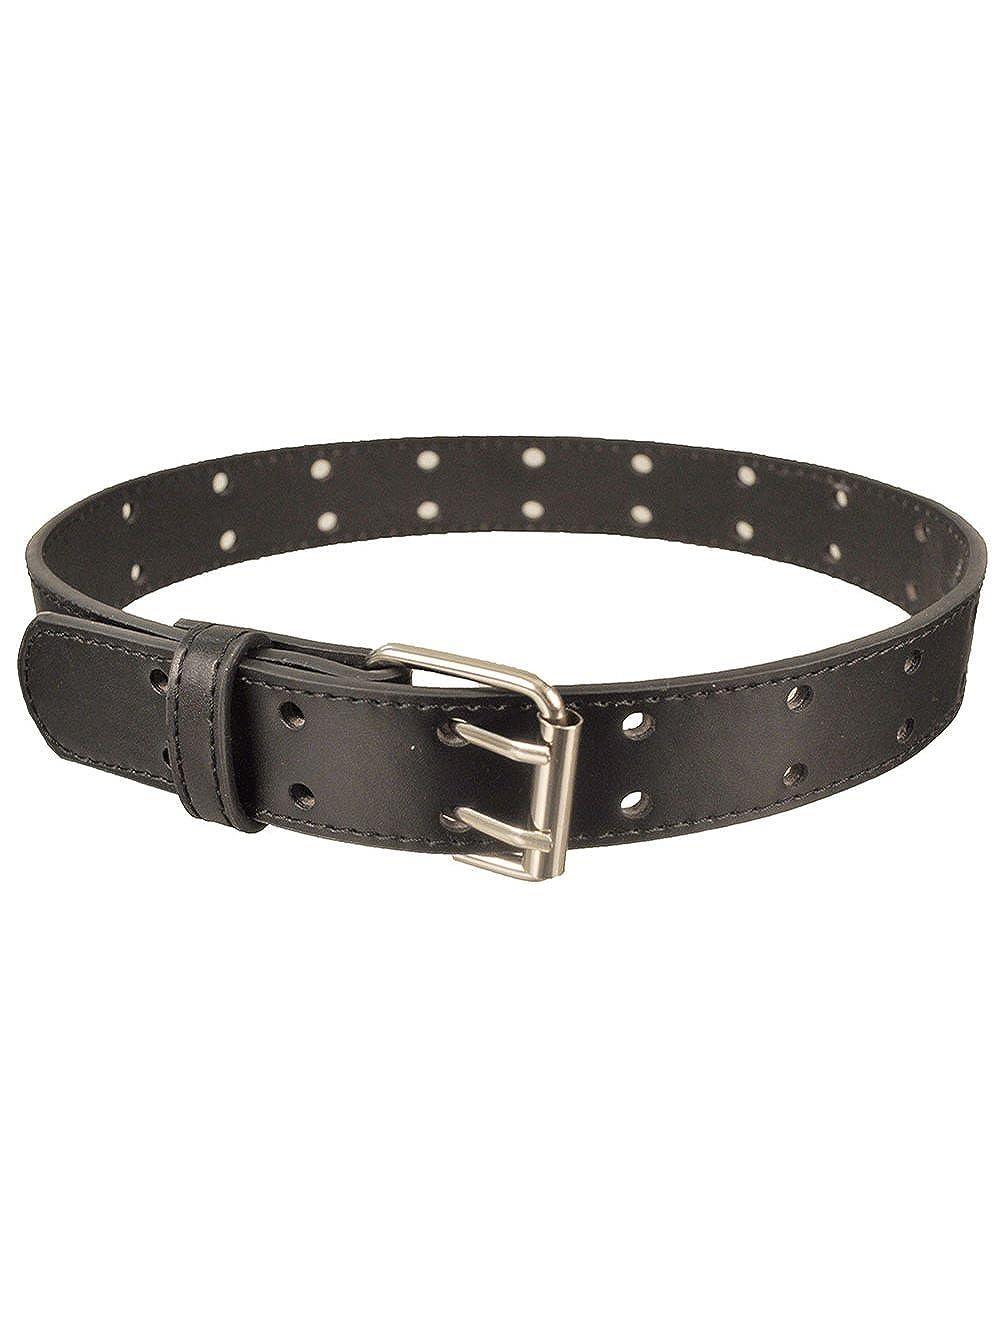 Madison Boy Double Punch Belt